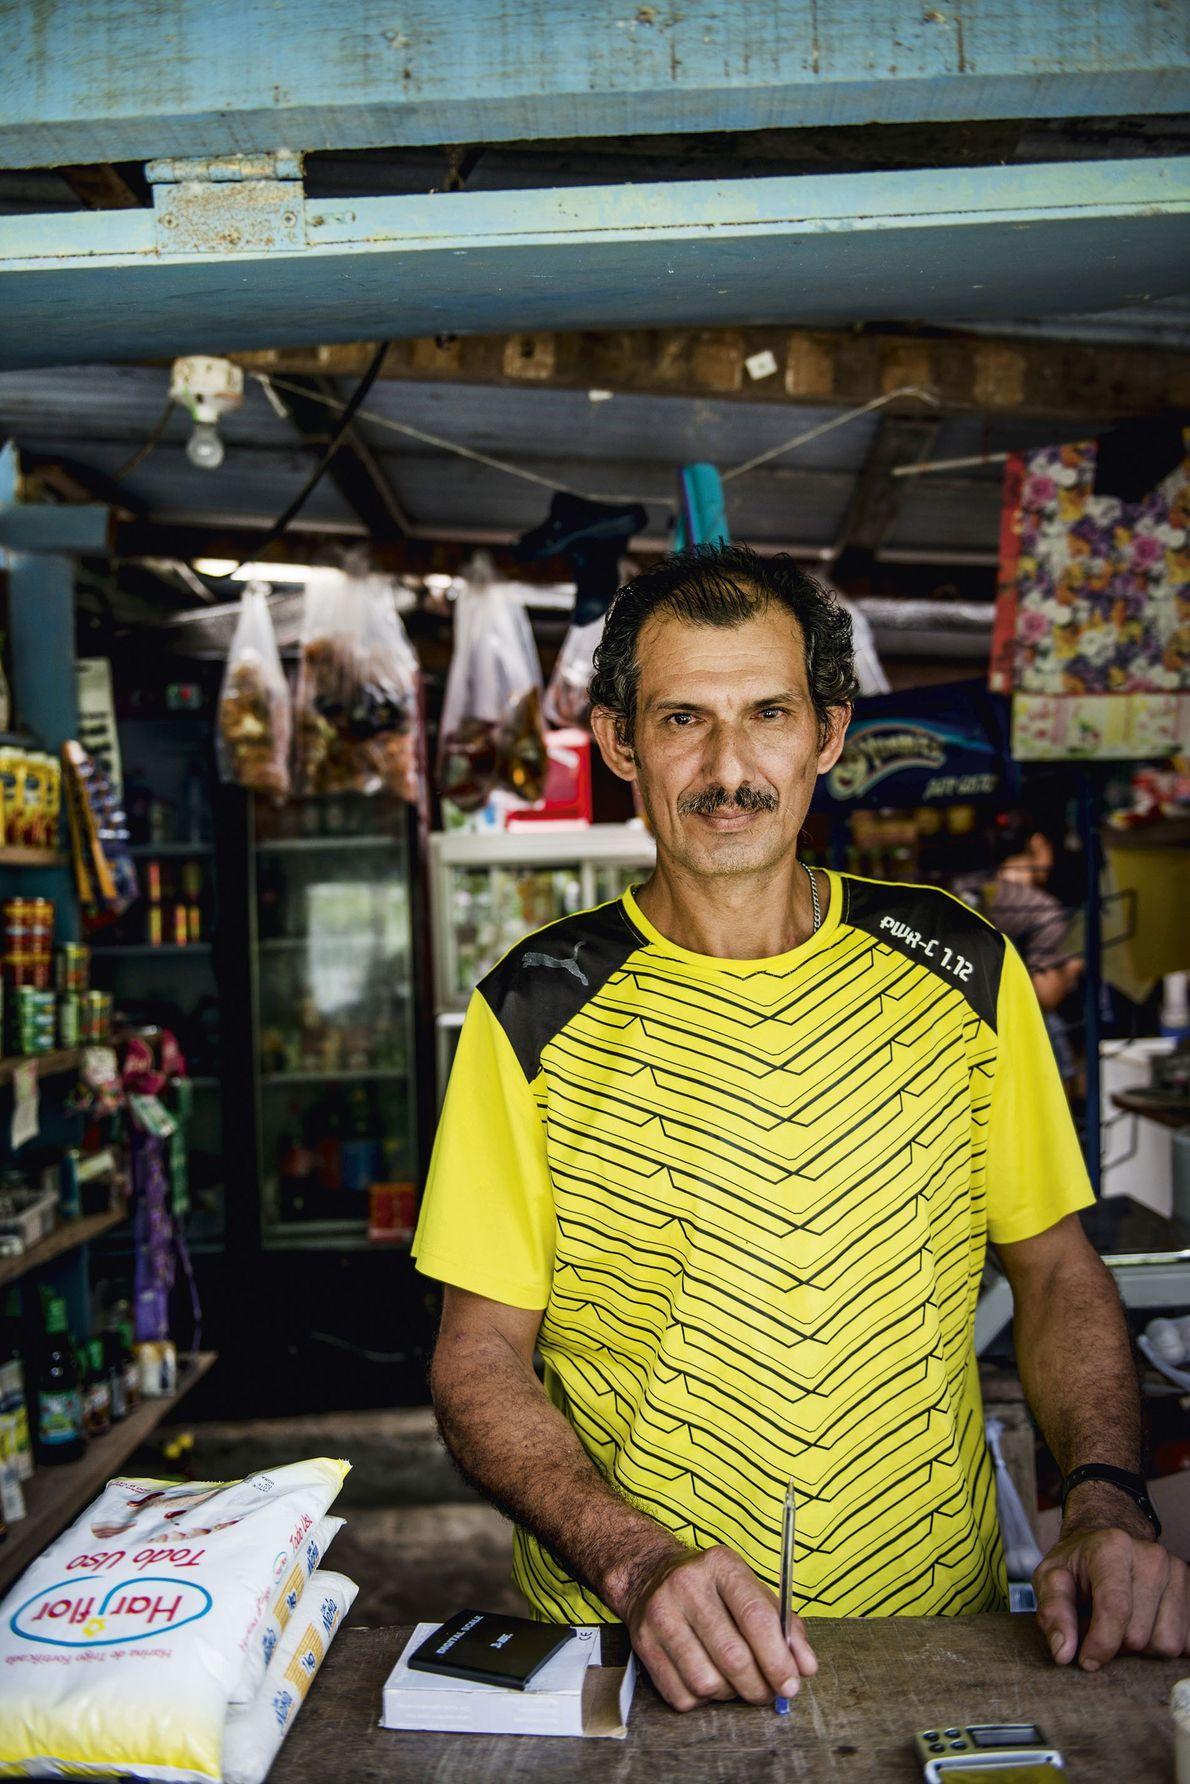 Alberto at the shop